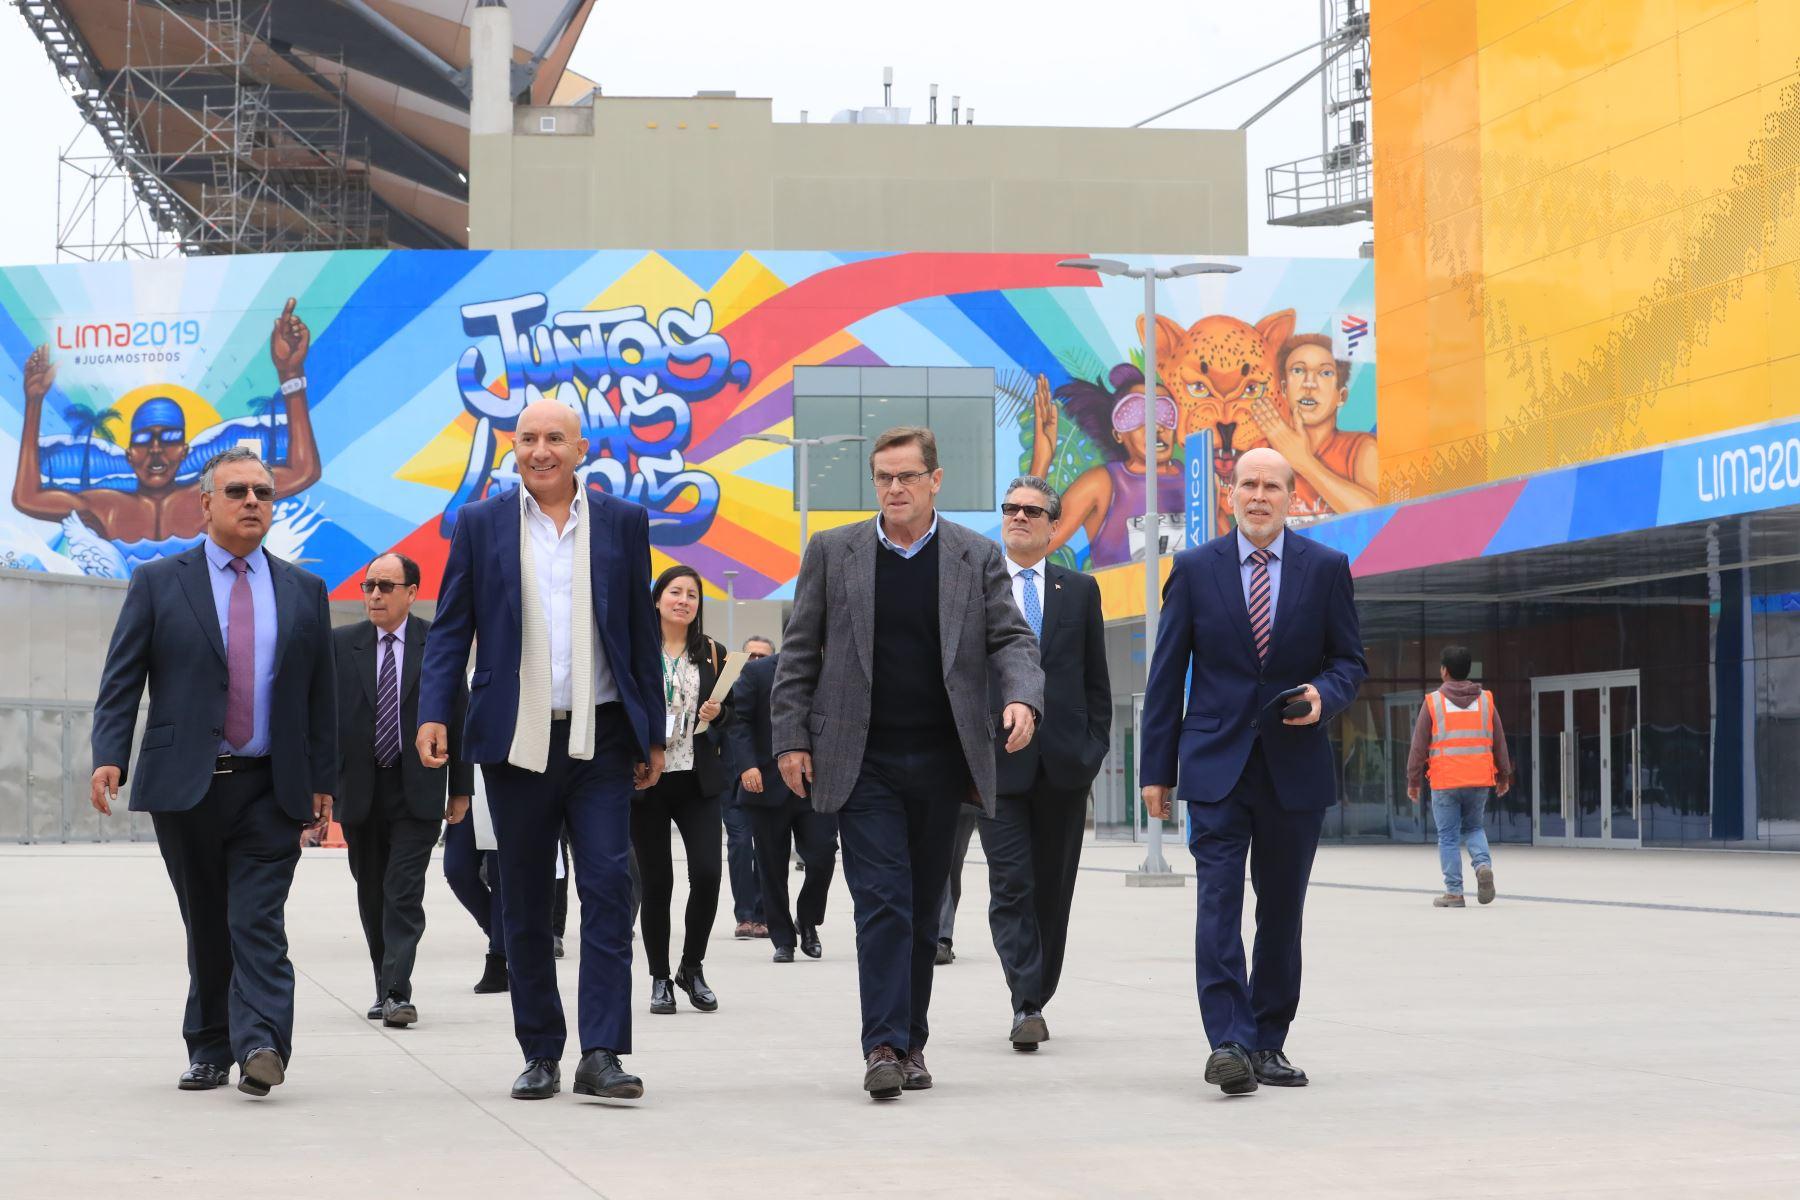 El presidente del Comité Organizador de Lima 2019, Carlos Neuhaus y el Gerente de Gestión del Circulante del BCR, Javier Gutiérrez presentaron la medalla alusiva a los Juegos Panamericanos Lima 2019.  Foto: ANDINA/Juan Carlos Guzmán Negrini.